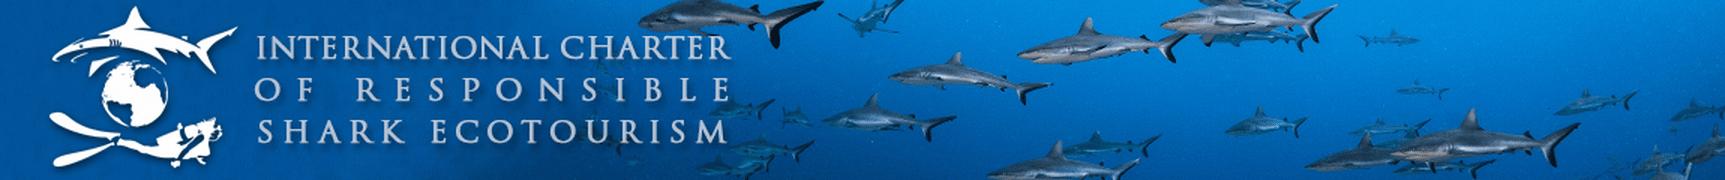 charte ecotourism header